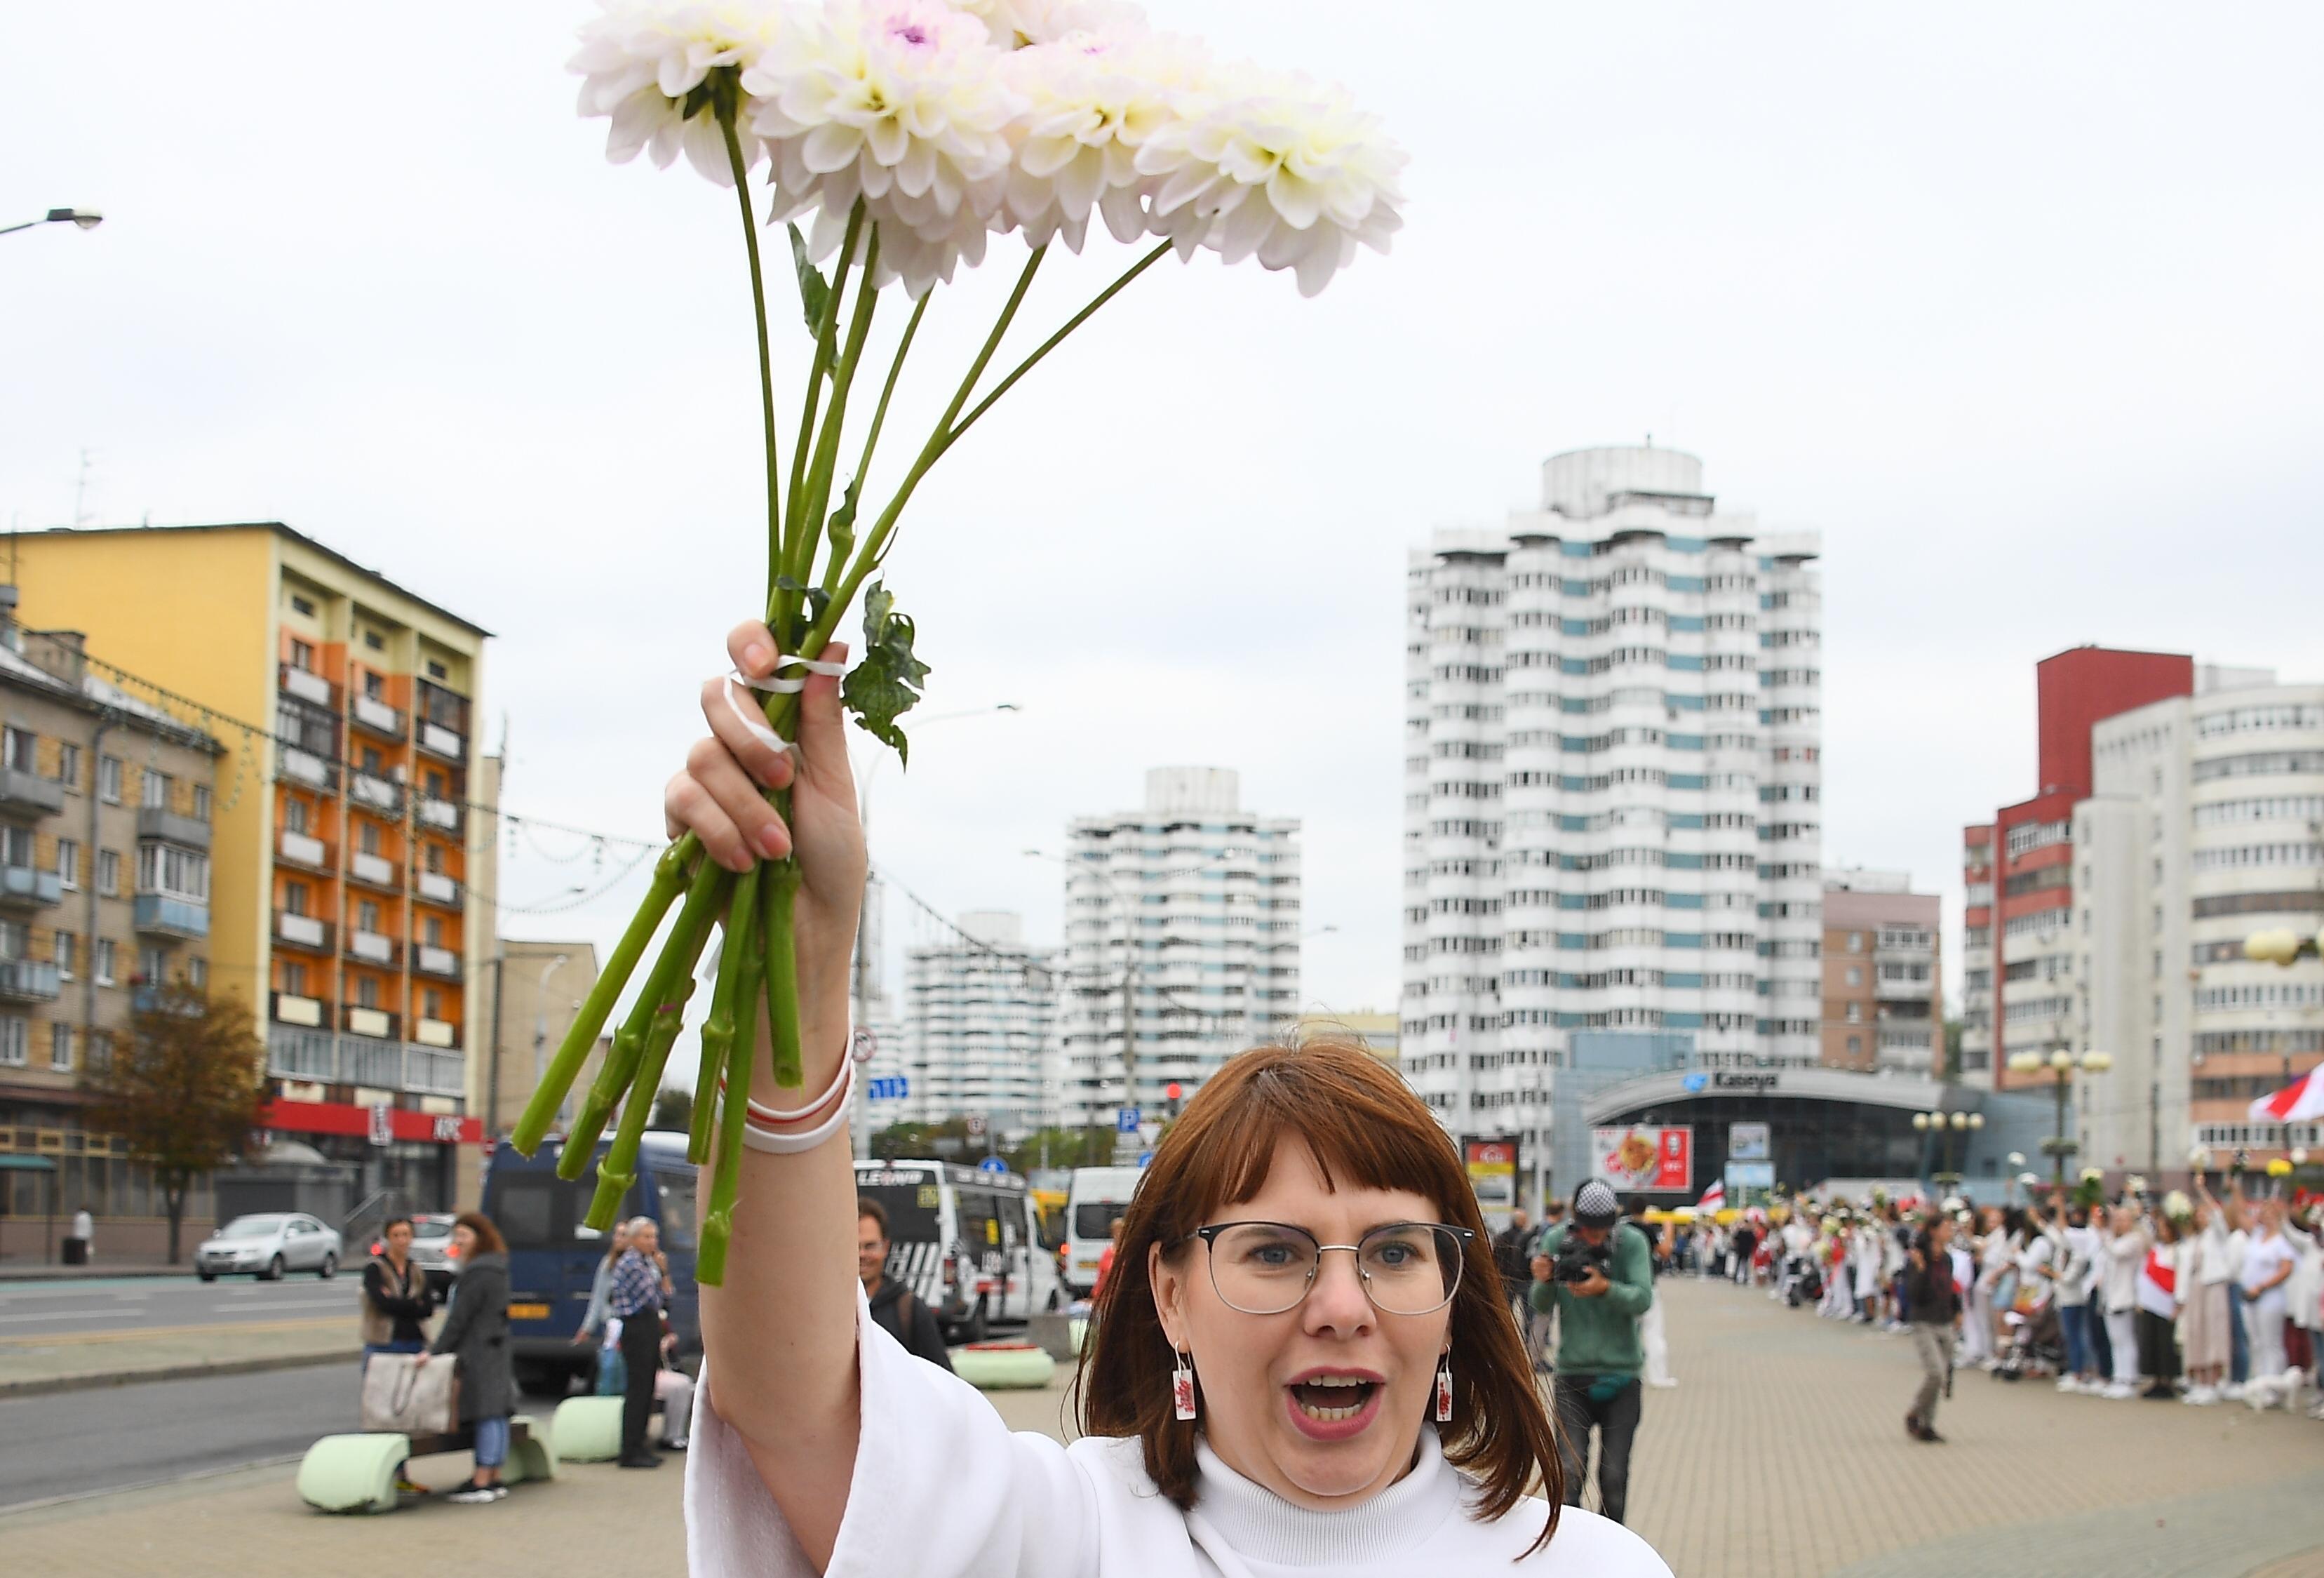 Újabb ellenzéki vezetőt pateroltak ki a rendőrök Belaruszból